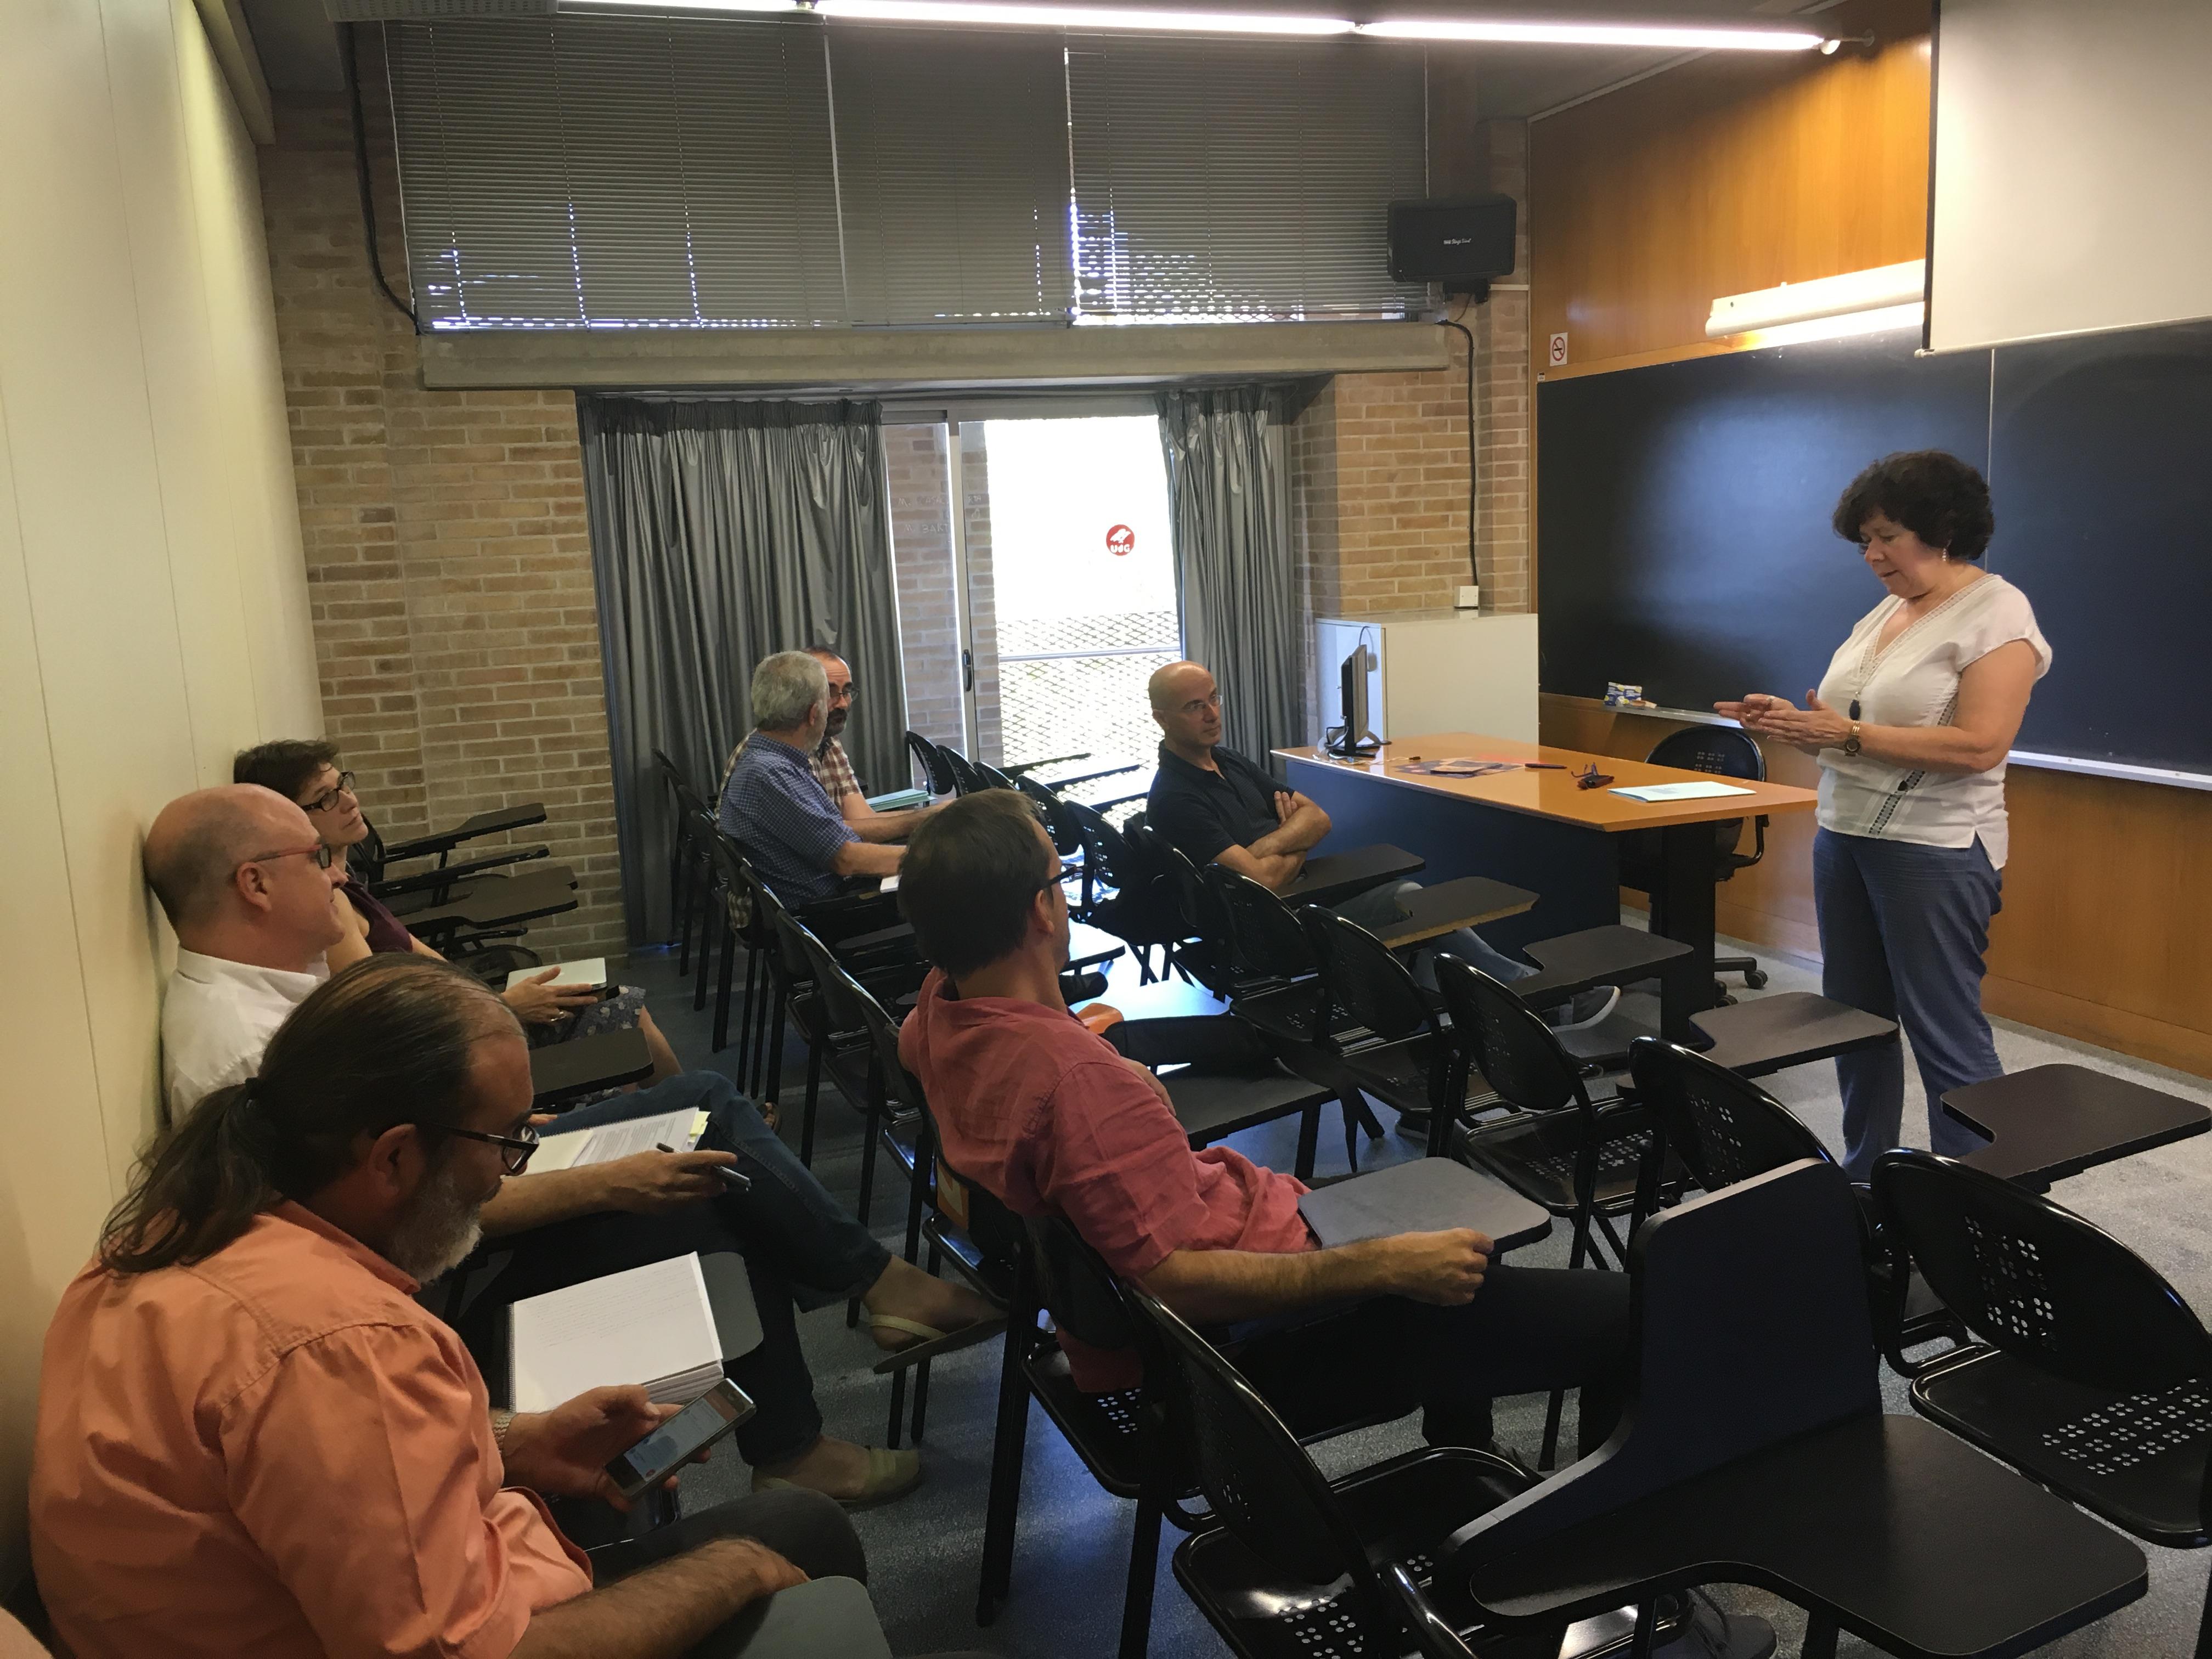 reunio-professors